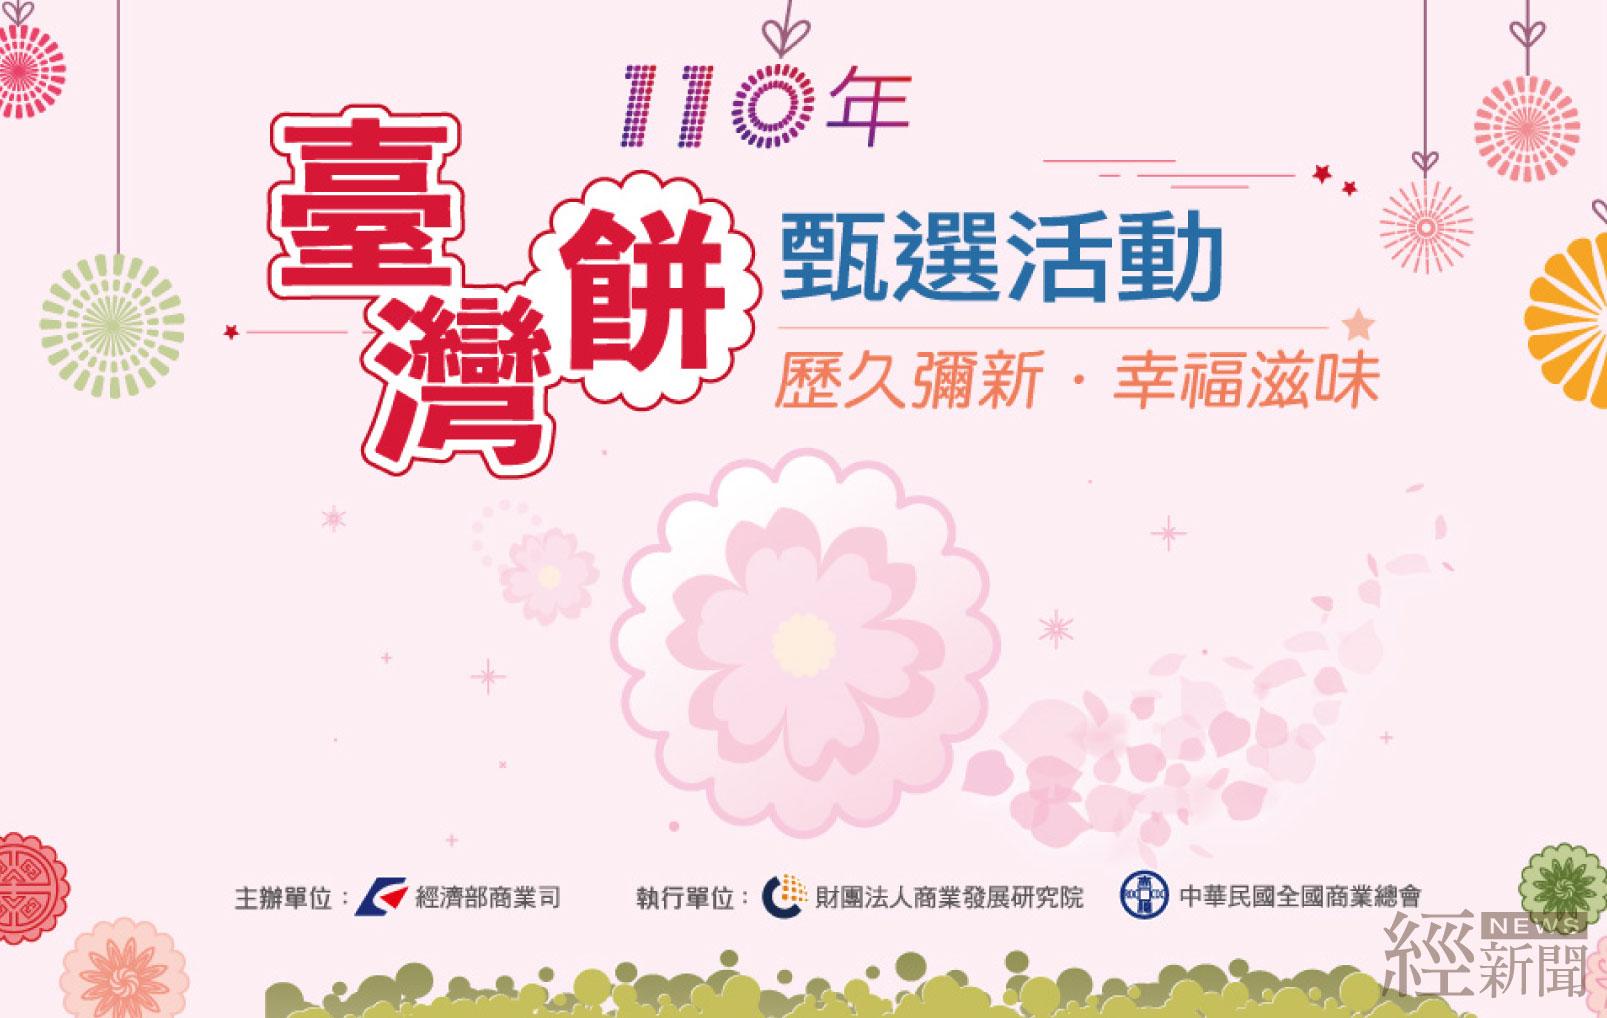 買好餅送好禮 「臺灣餅嘉年華」線上開跑